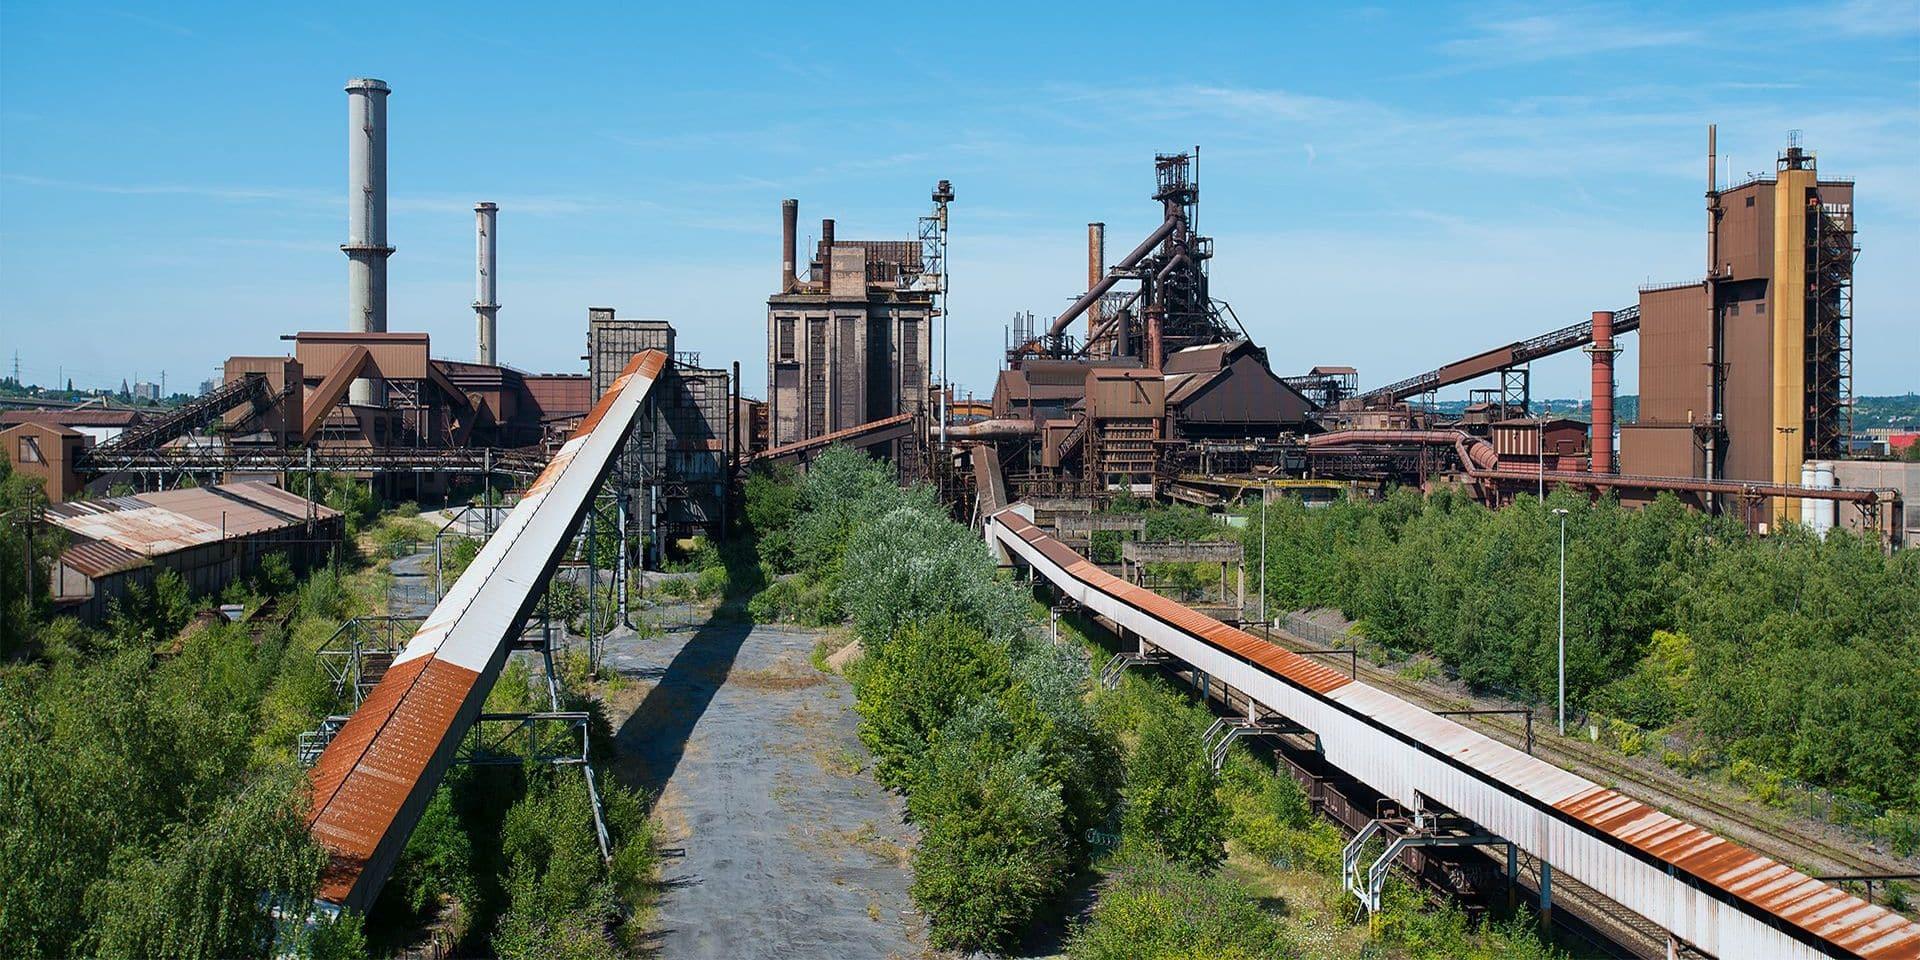 HFB et Chertal : ArcelorMittal introduit un recours contre les permis de démolition